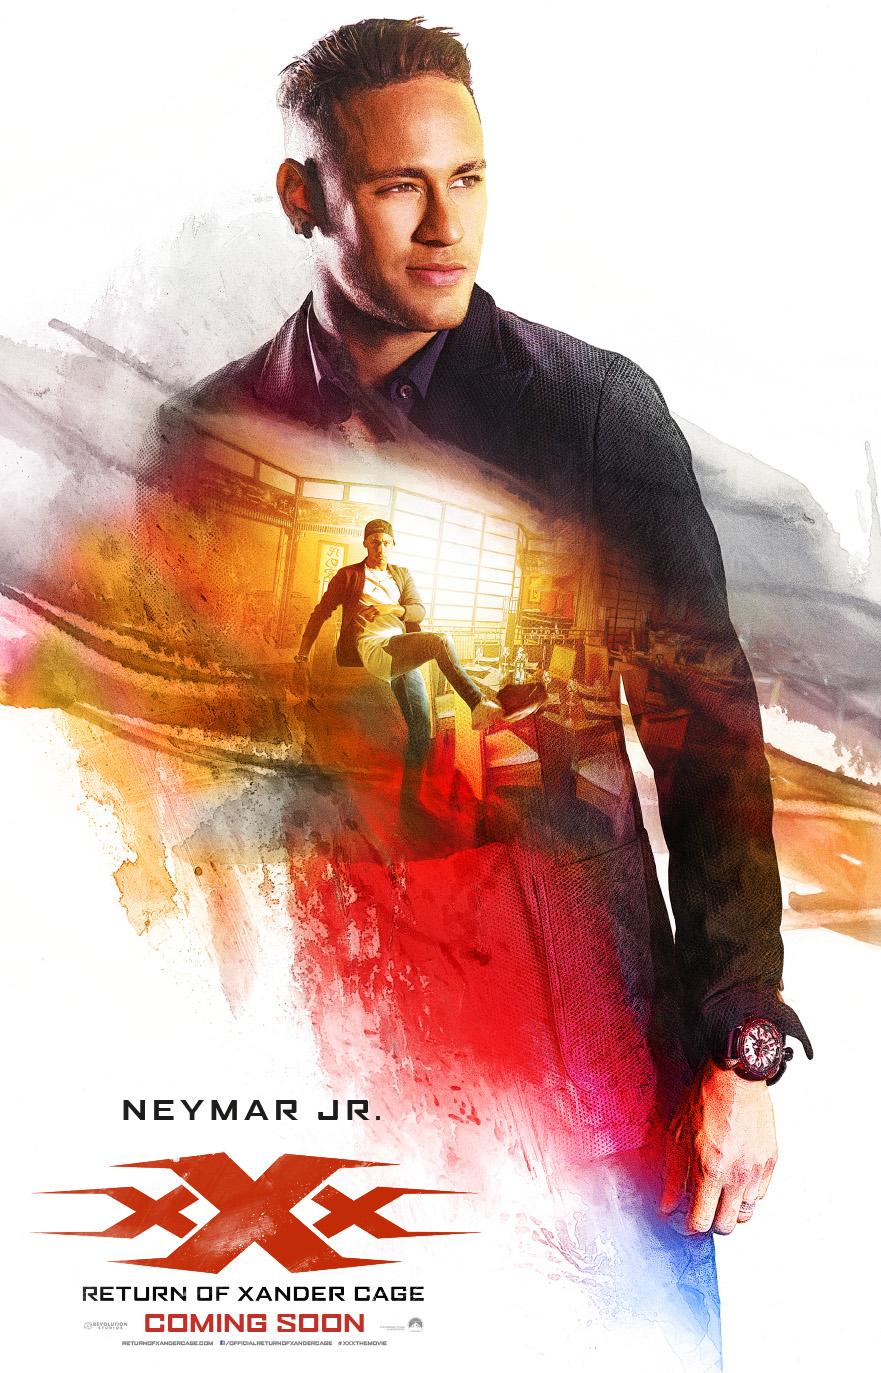 XXX_DIGI_Neymar_RGB_OV